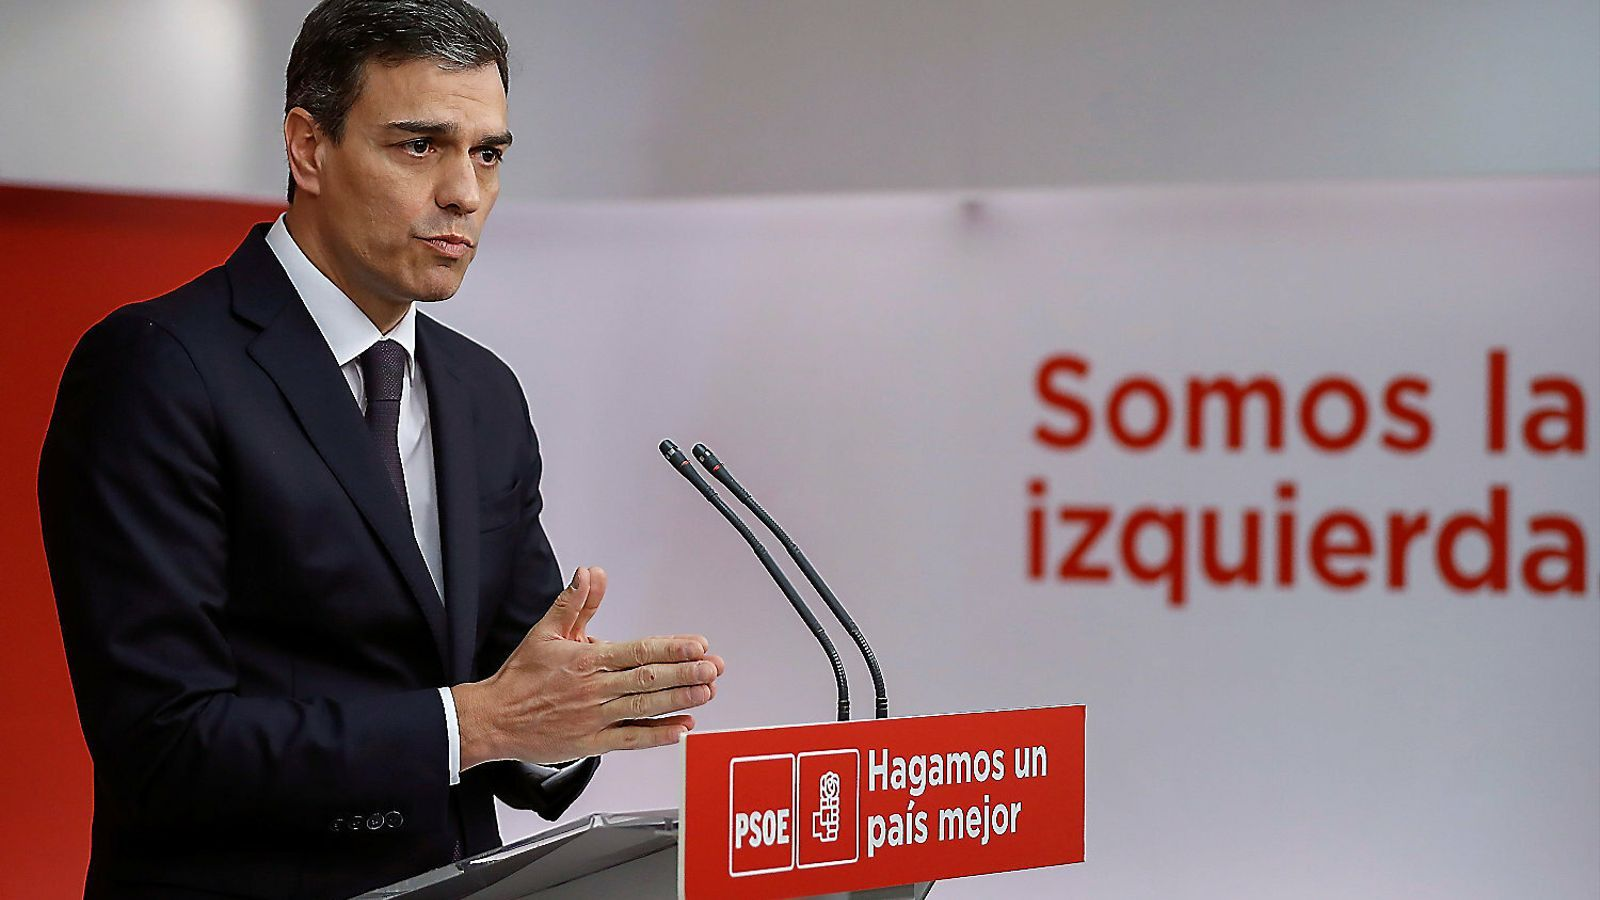 """Pedro Sánchez tanca la porta a JxCat: """"Ahir, avui i demà serà no al referèndum i la independència"""""""